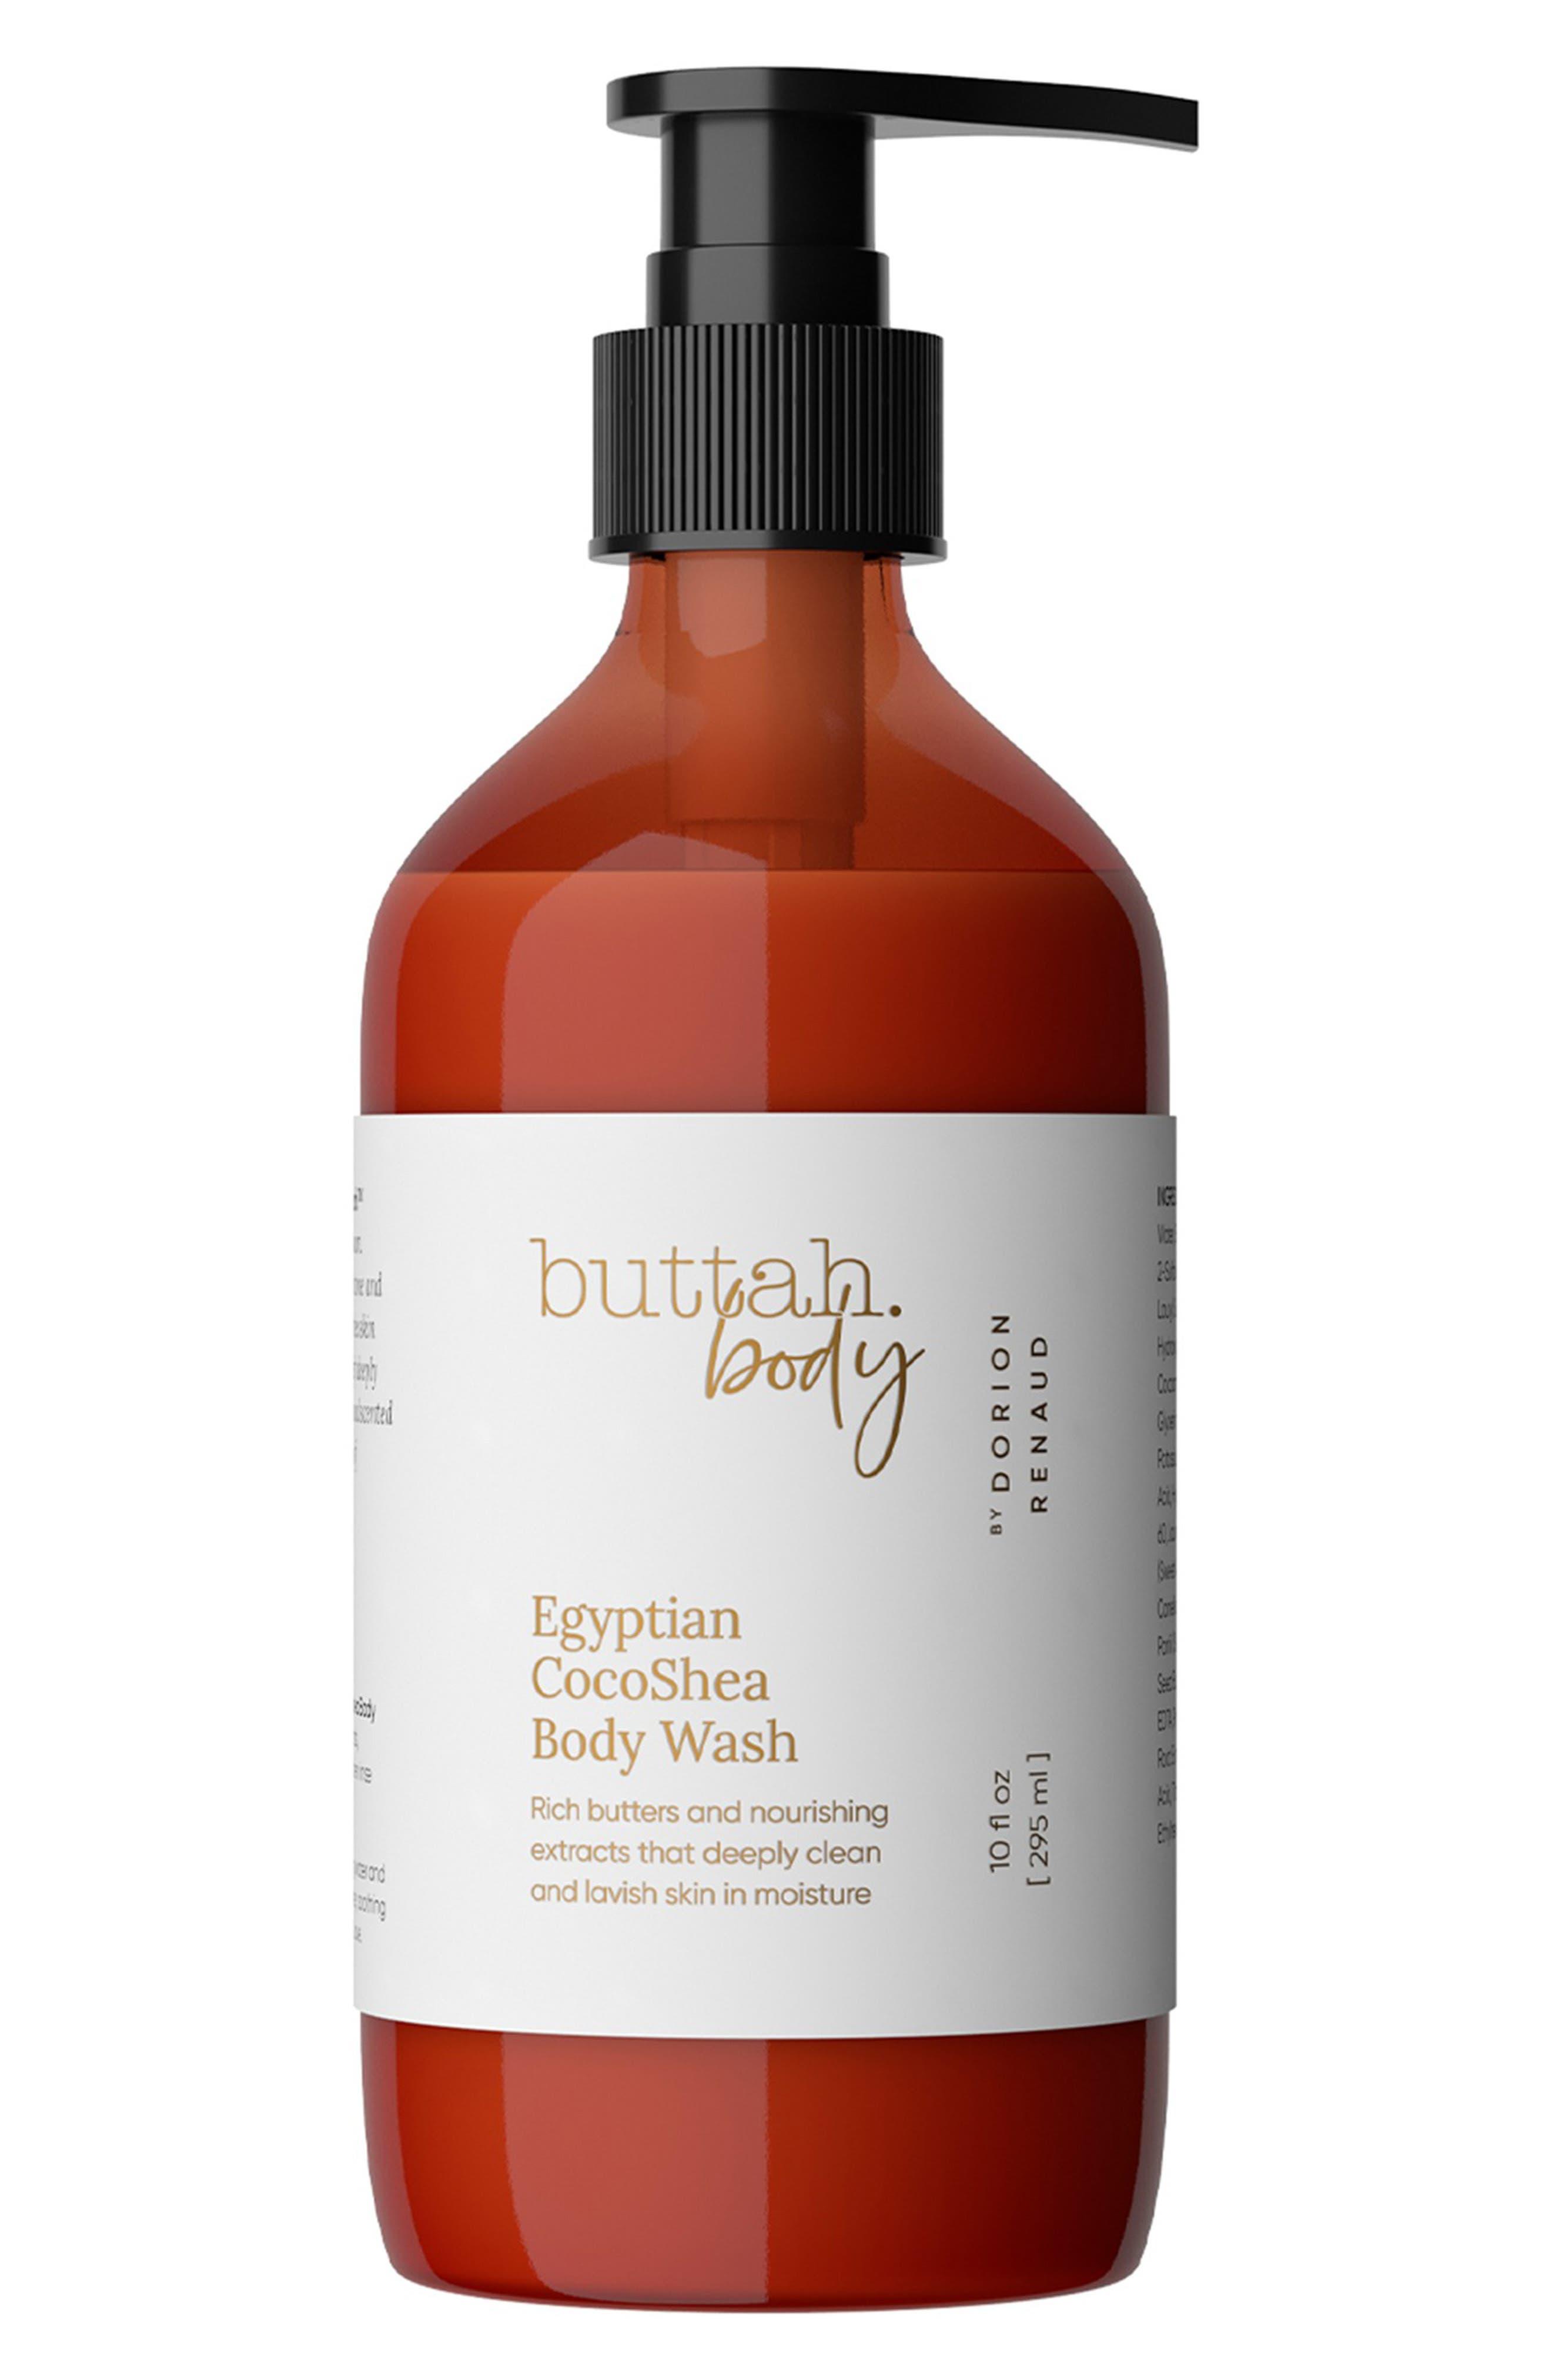 Egyptian Cocoshea Body Wash